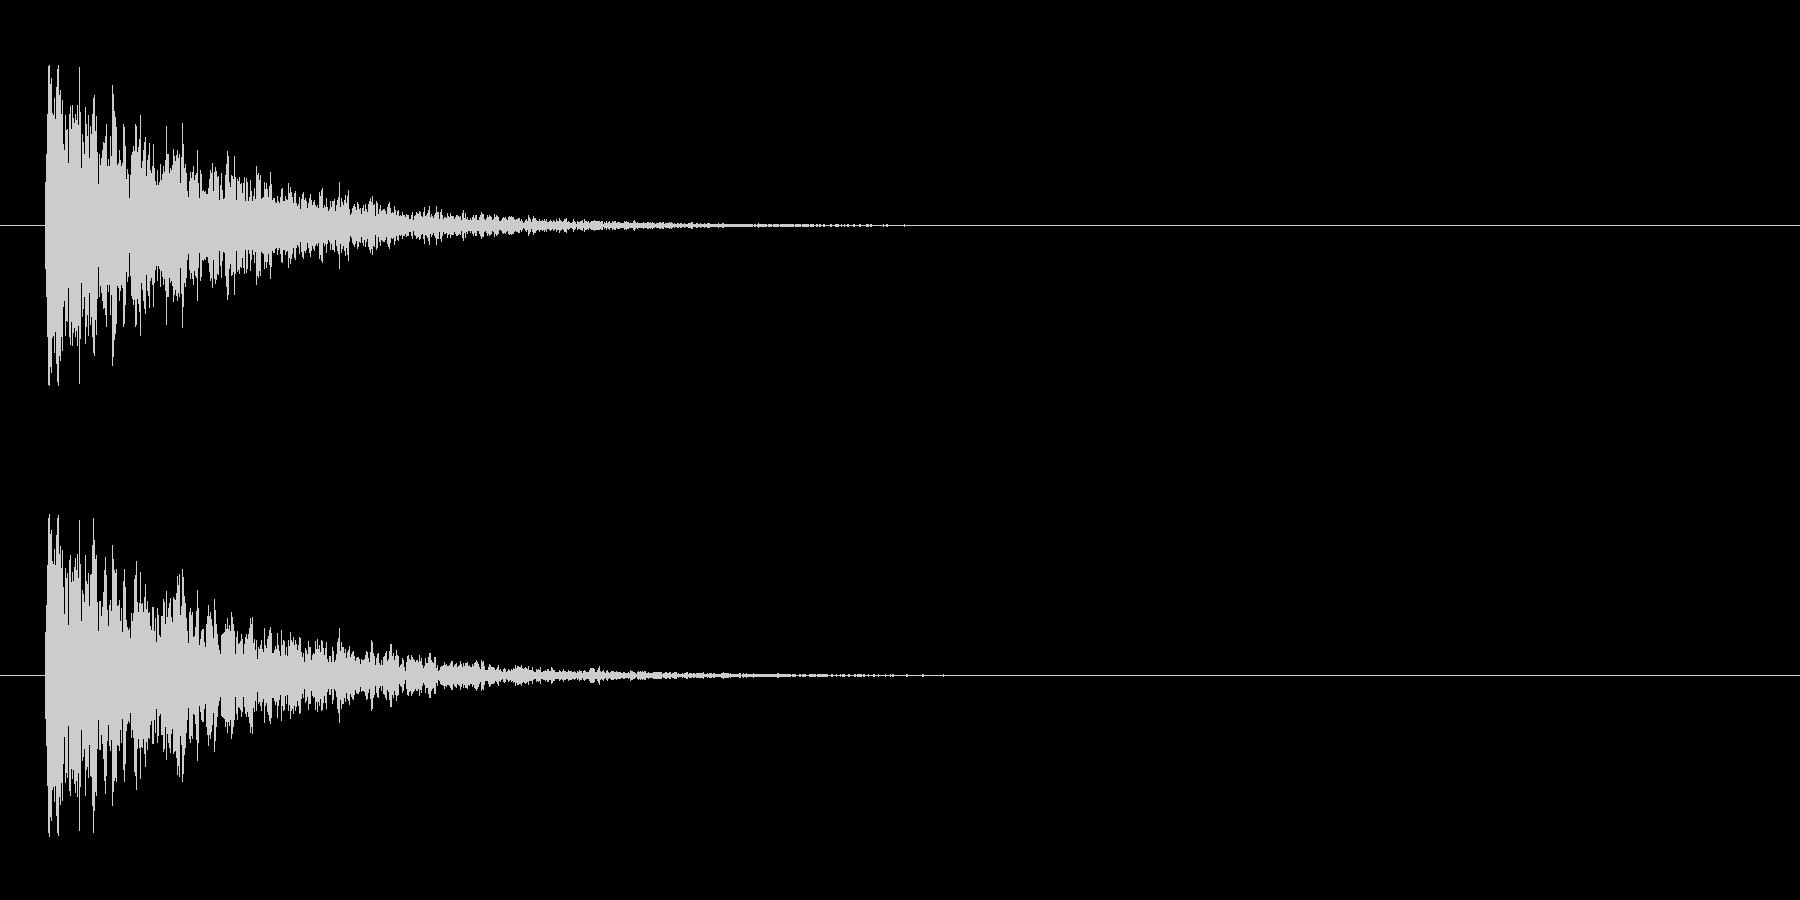 【アクセント10-1】の未再生の波形